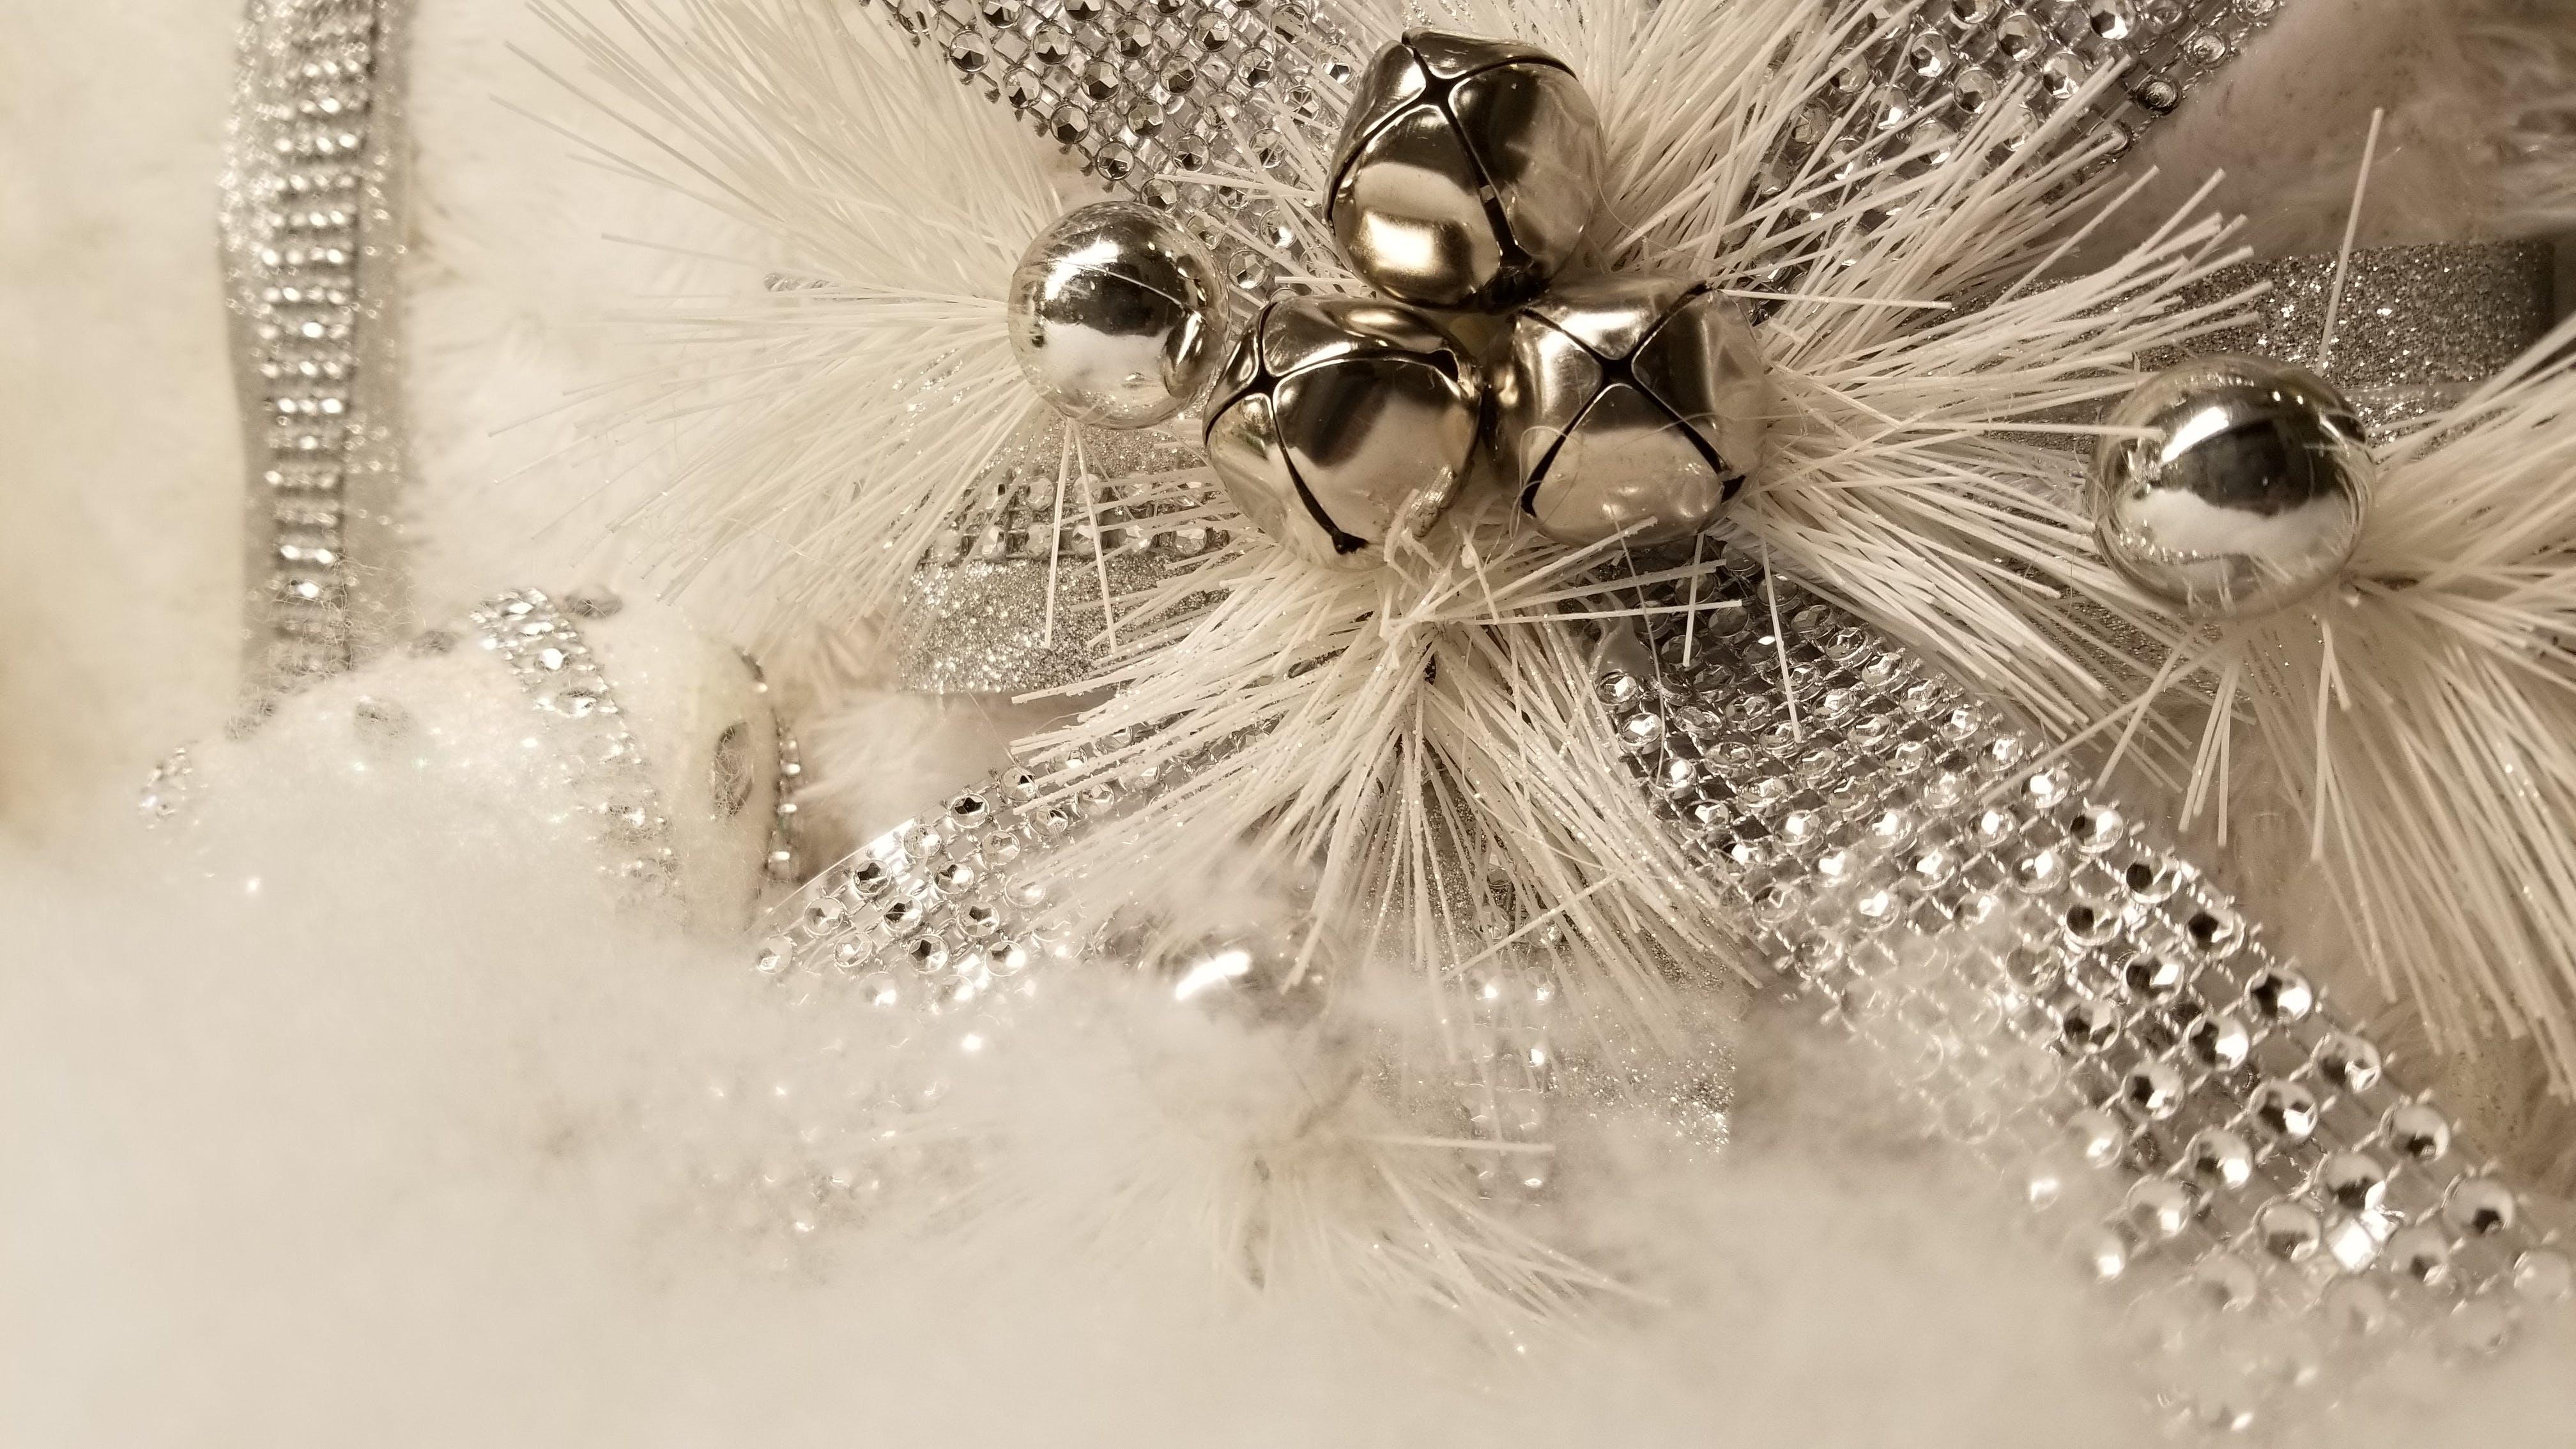 Gratis arkivbilde med jul, juledekorasjoner